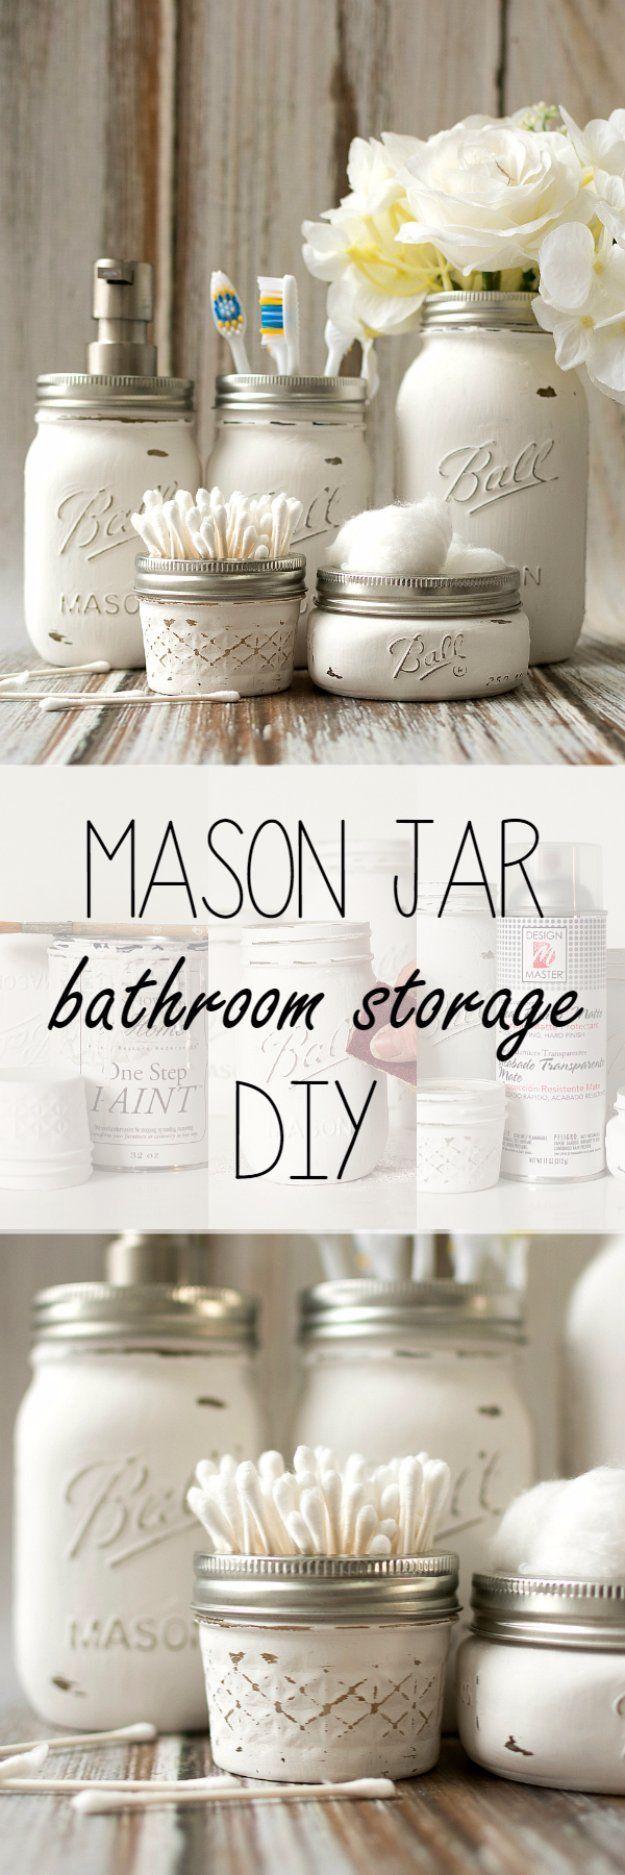 25 best ideas about wall art for bathroom on pinterest for Bathroom jar ideas